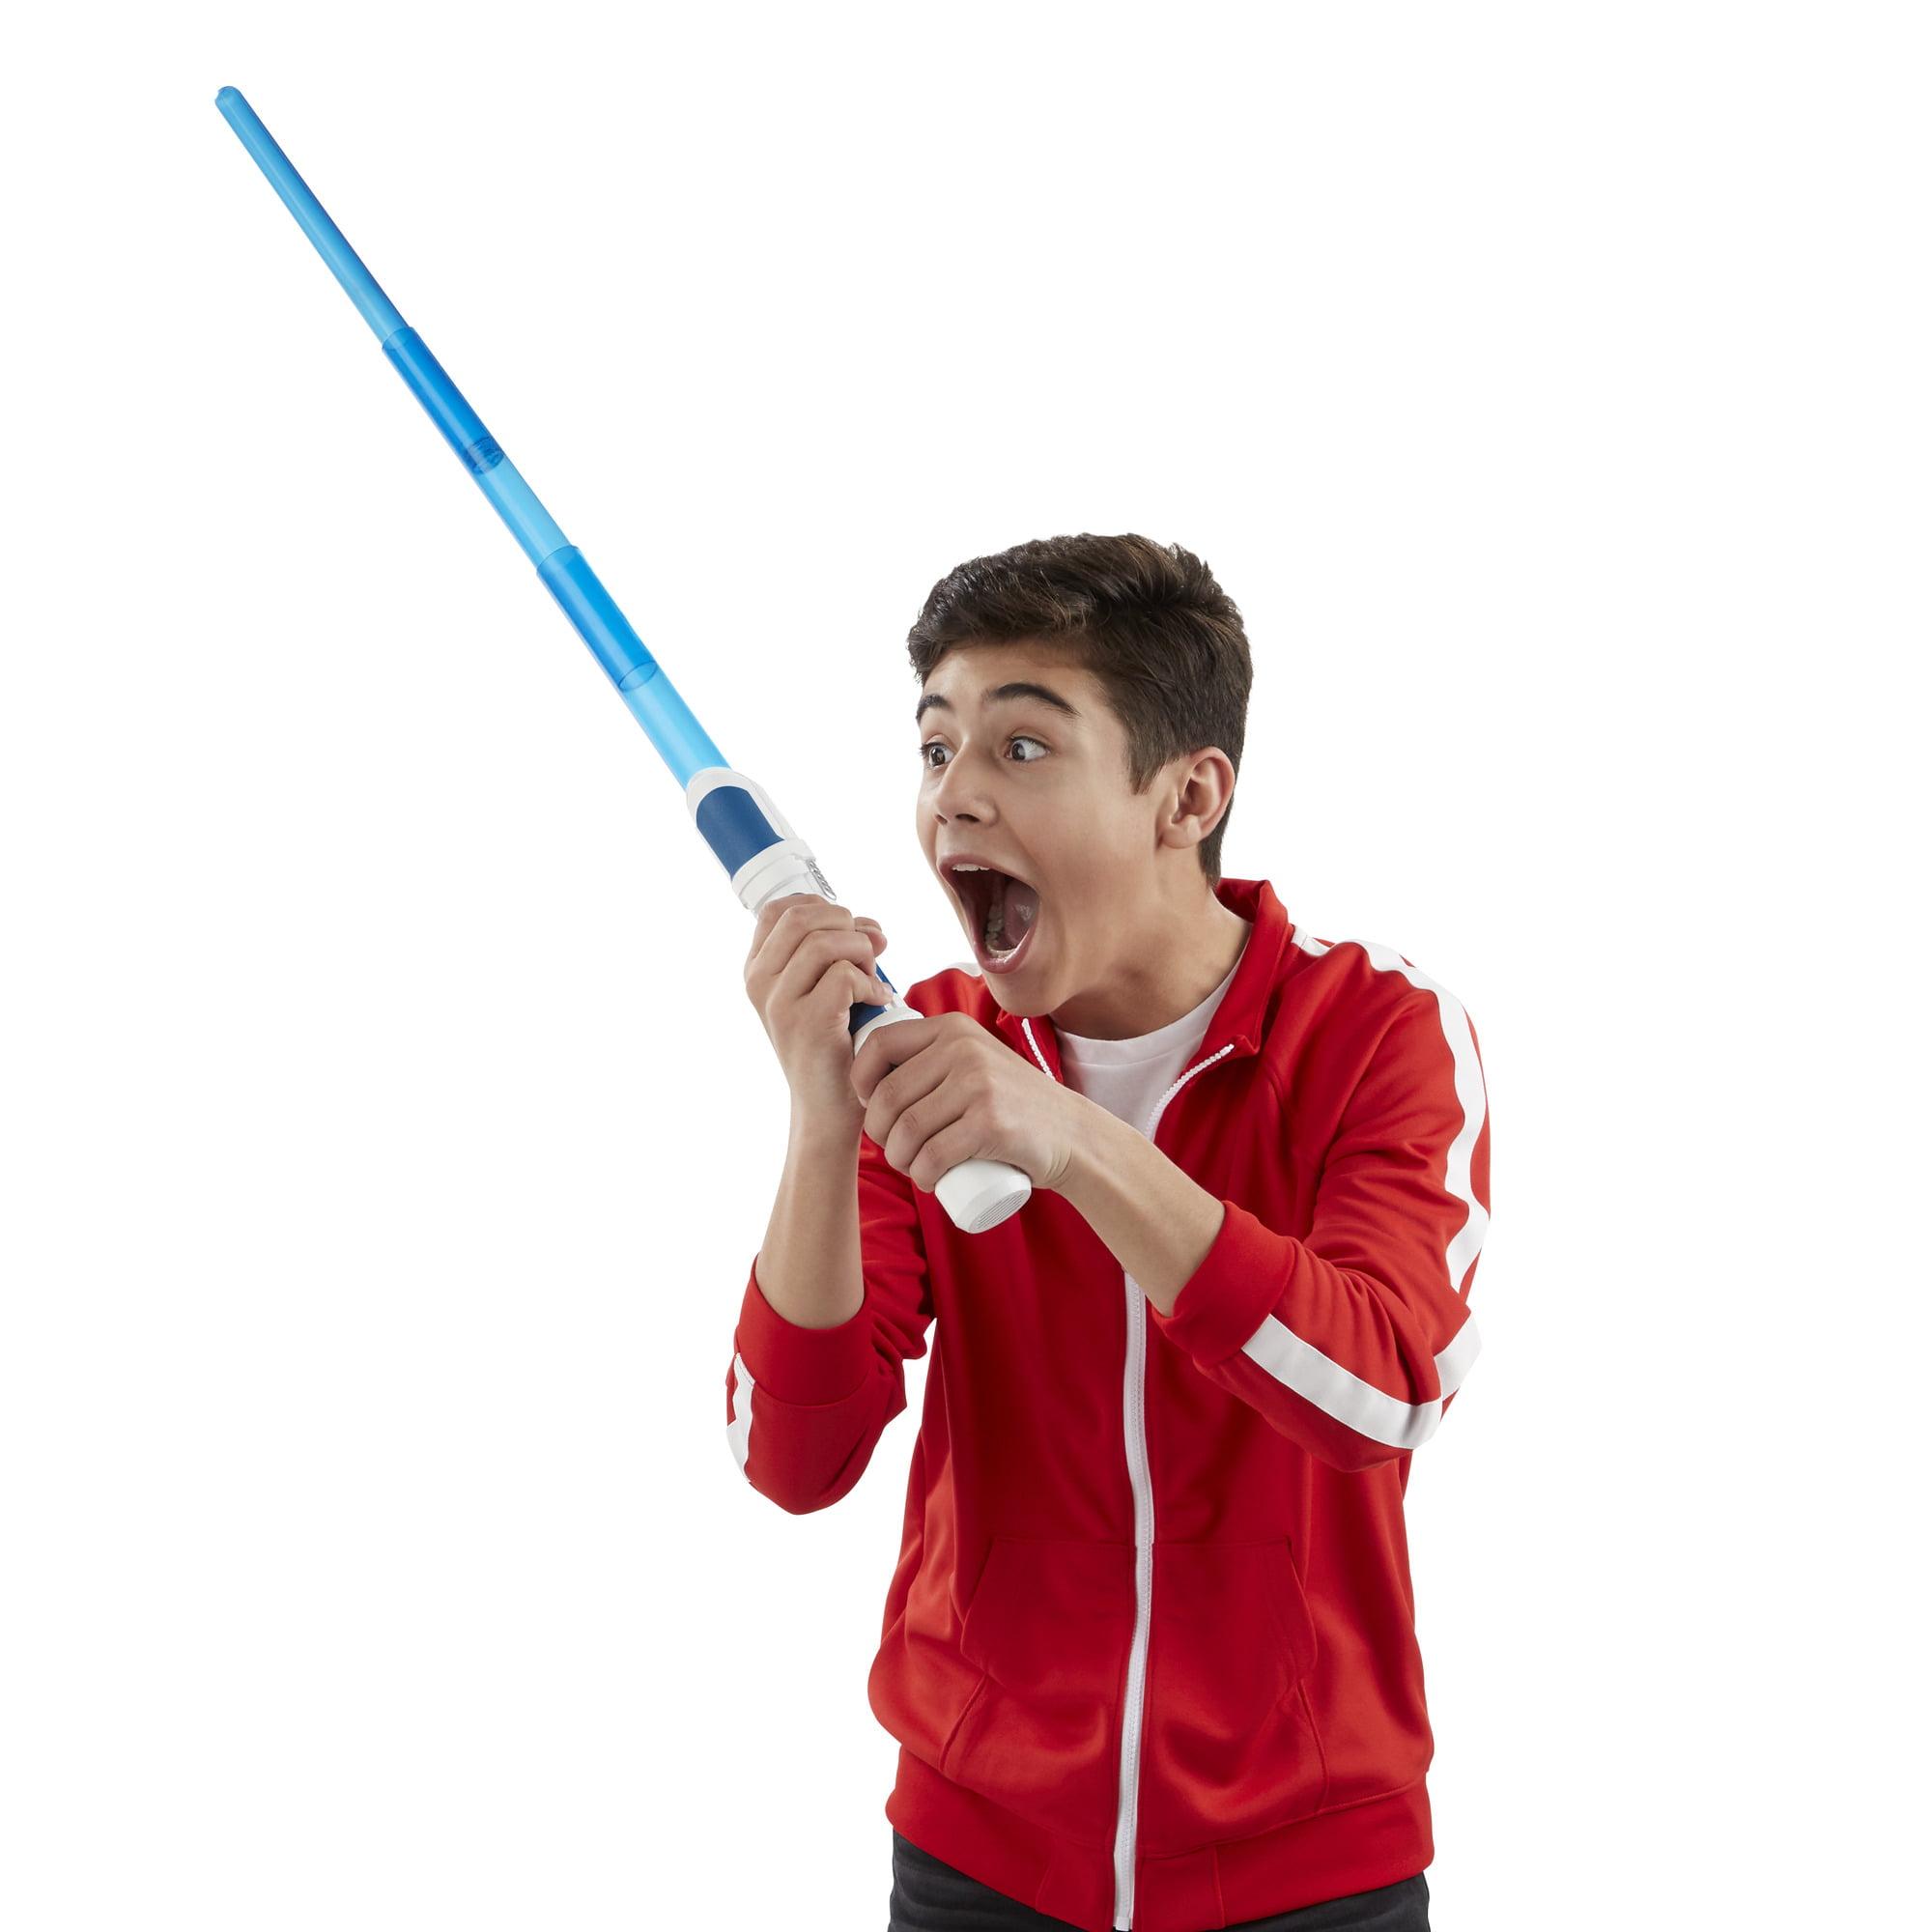 Star Wars Lightsaber Scream Saber Lightsaber Electronic Voice Recording